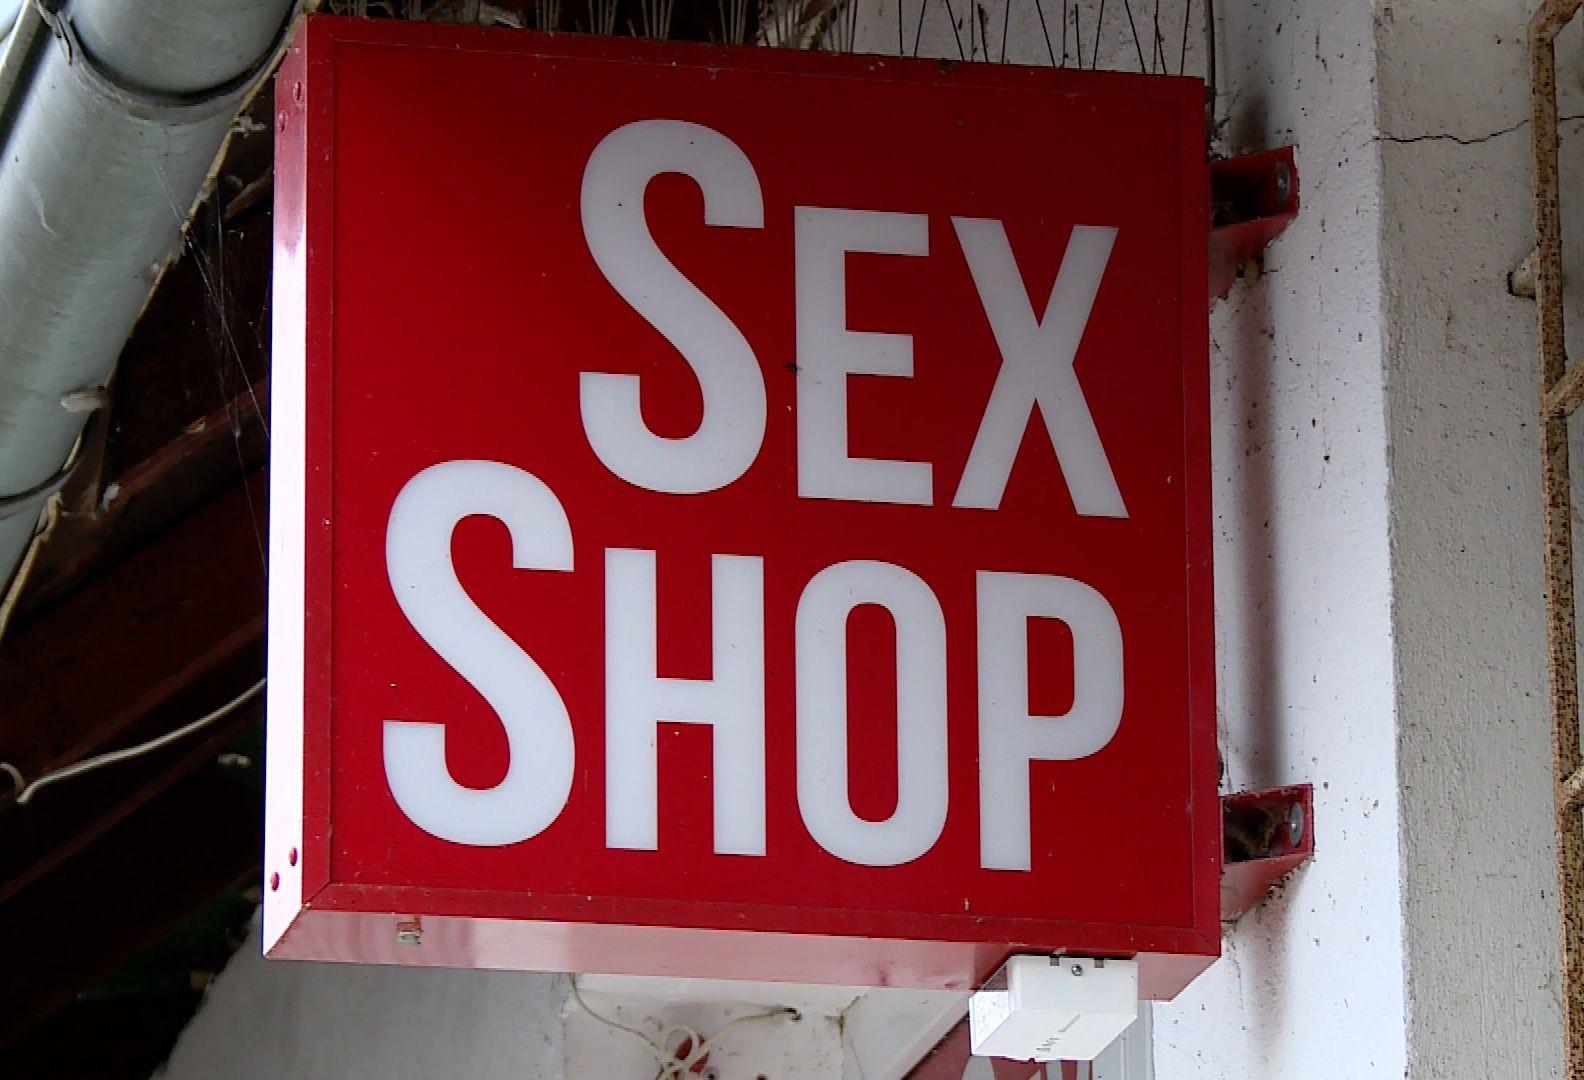 Skok na sex shop. Łupem padły… wibratory (WIDEO)